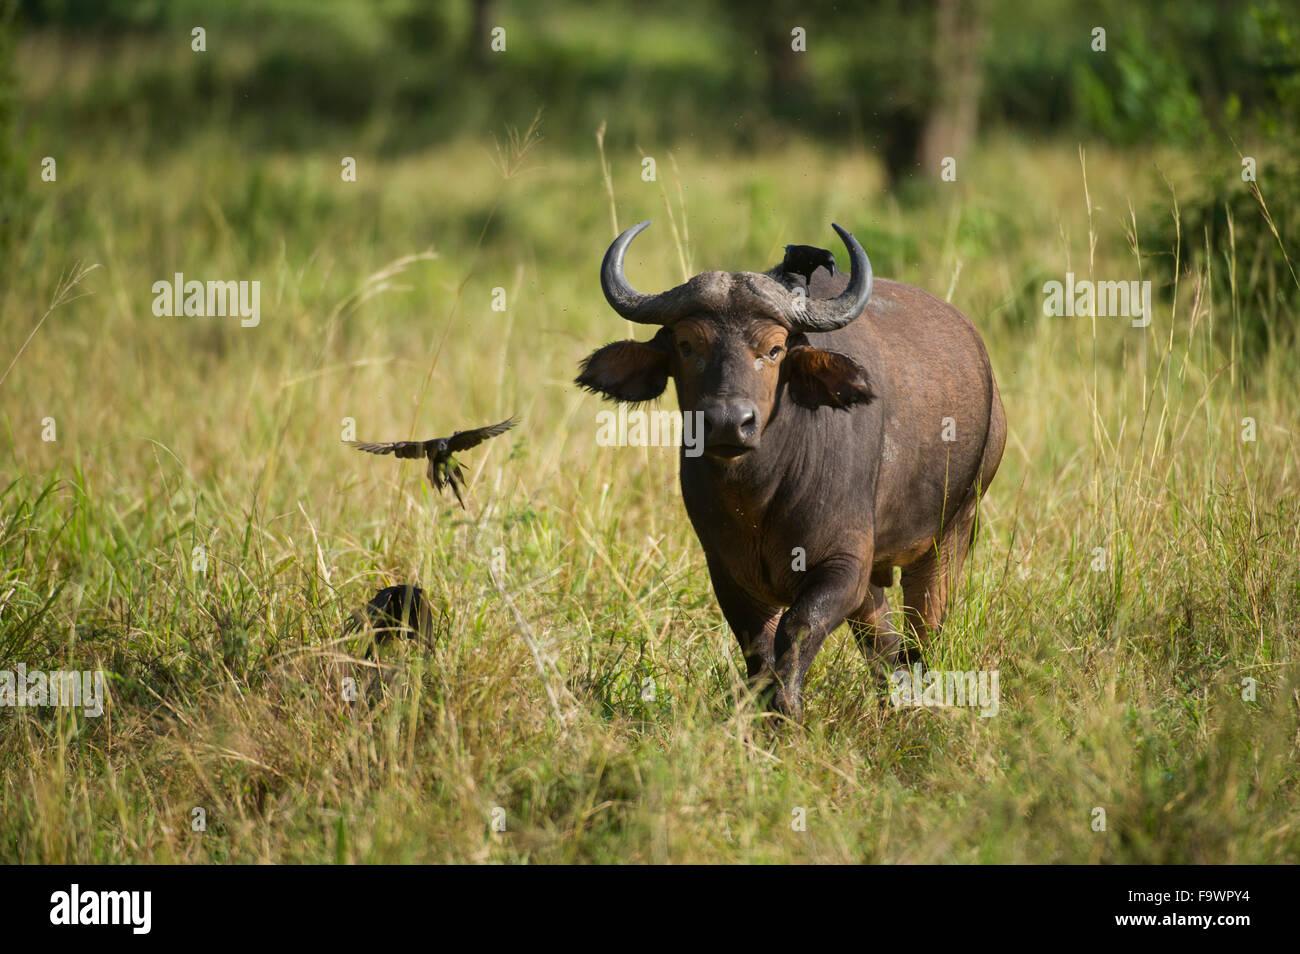 Buffalo (Syncerus caffer caffer), la Réserve de faune de Semliki, Ouganda Photo Stock